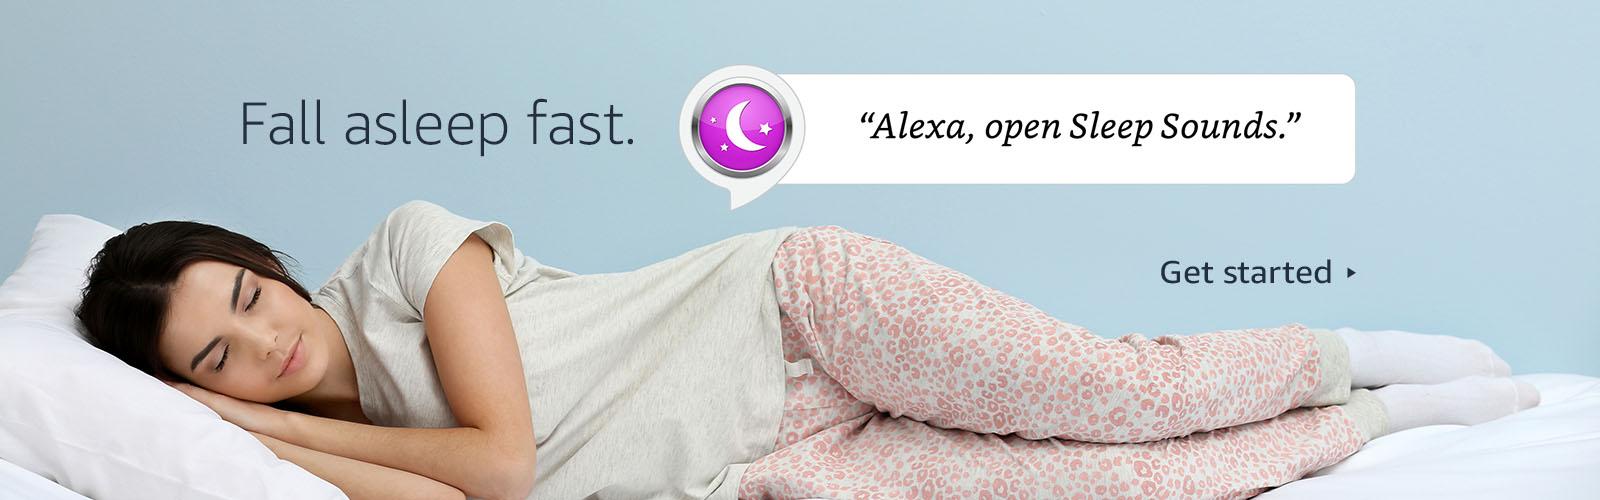 """Fall asleep fast. """"Alexa, open Sleep Sounds."""""""